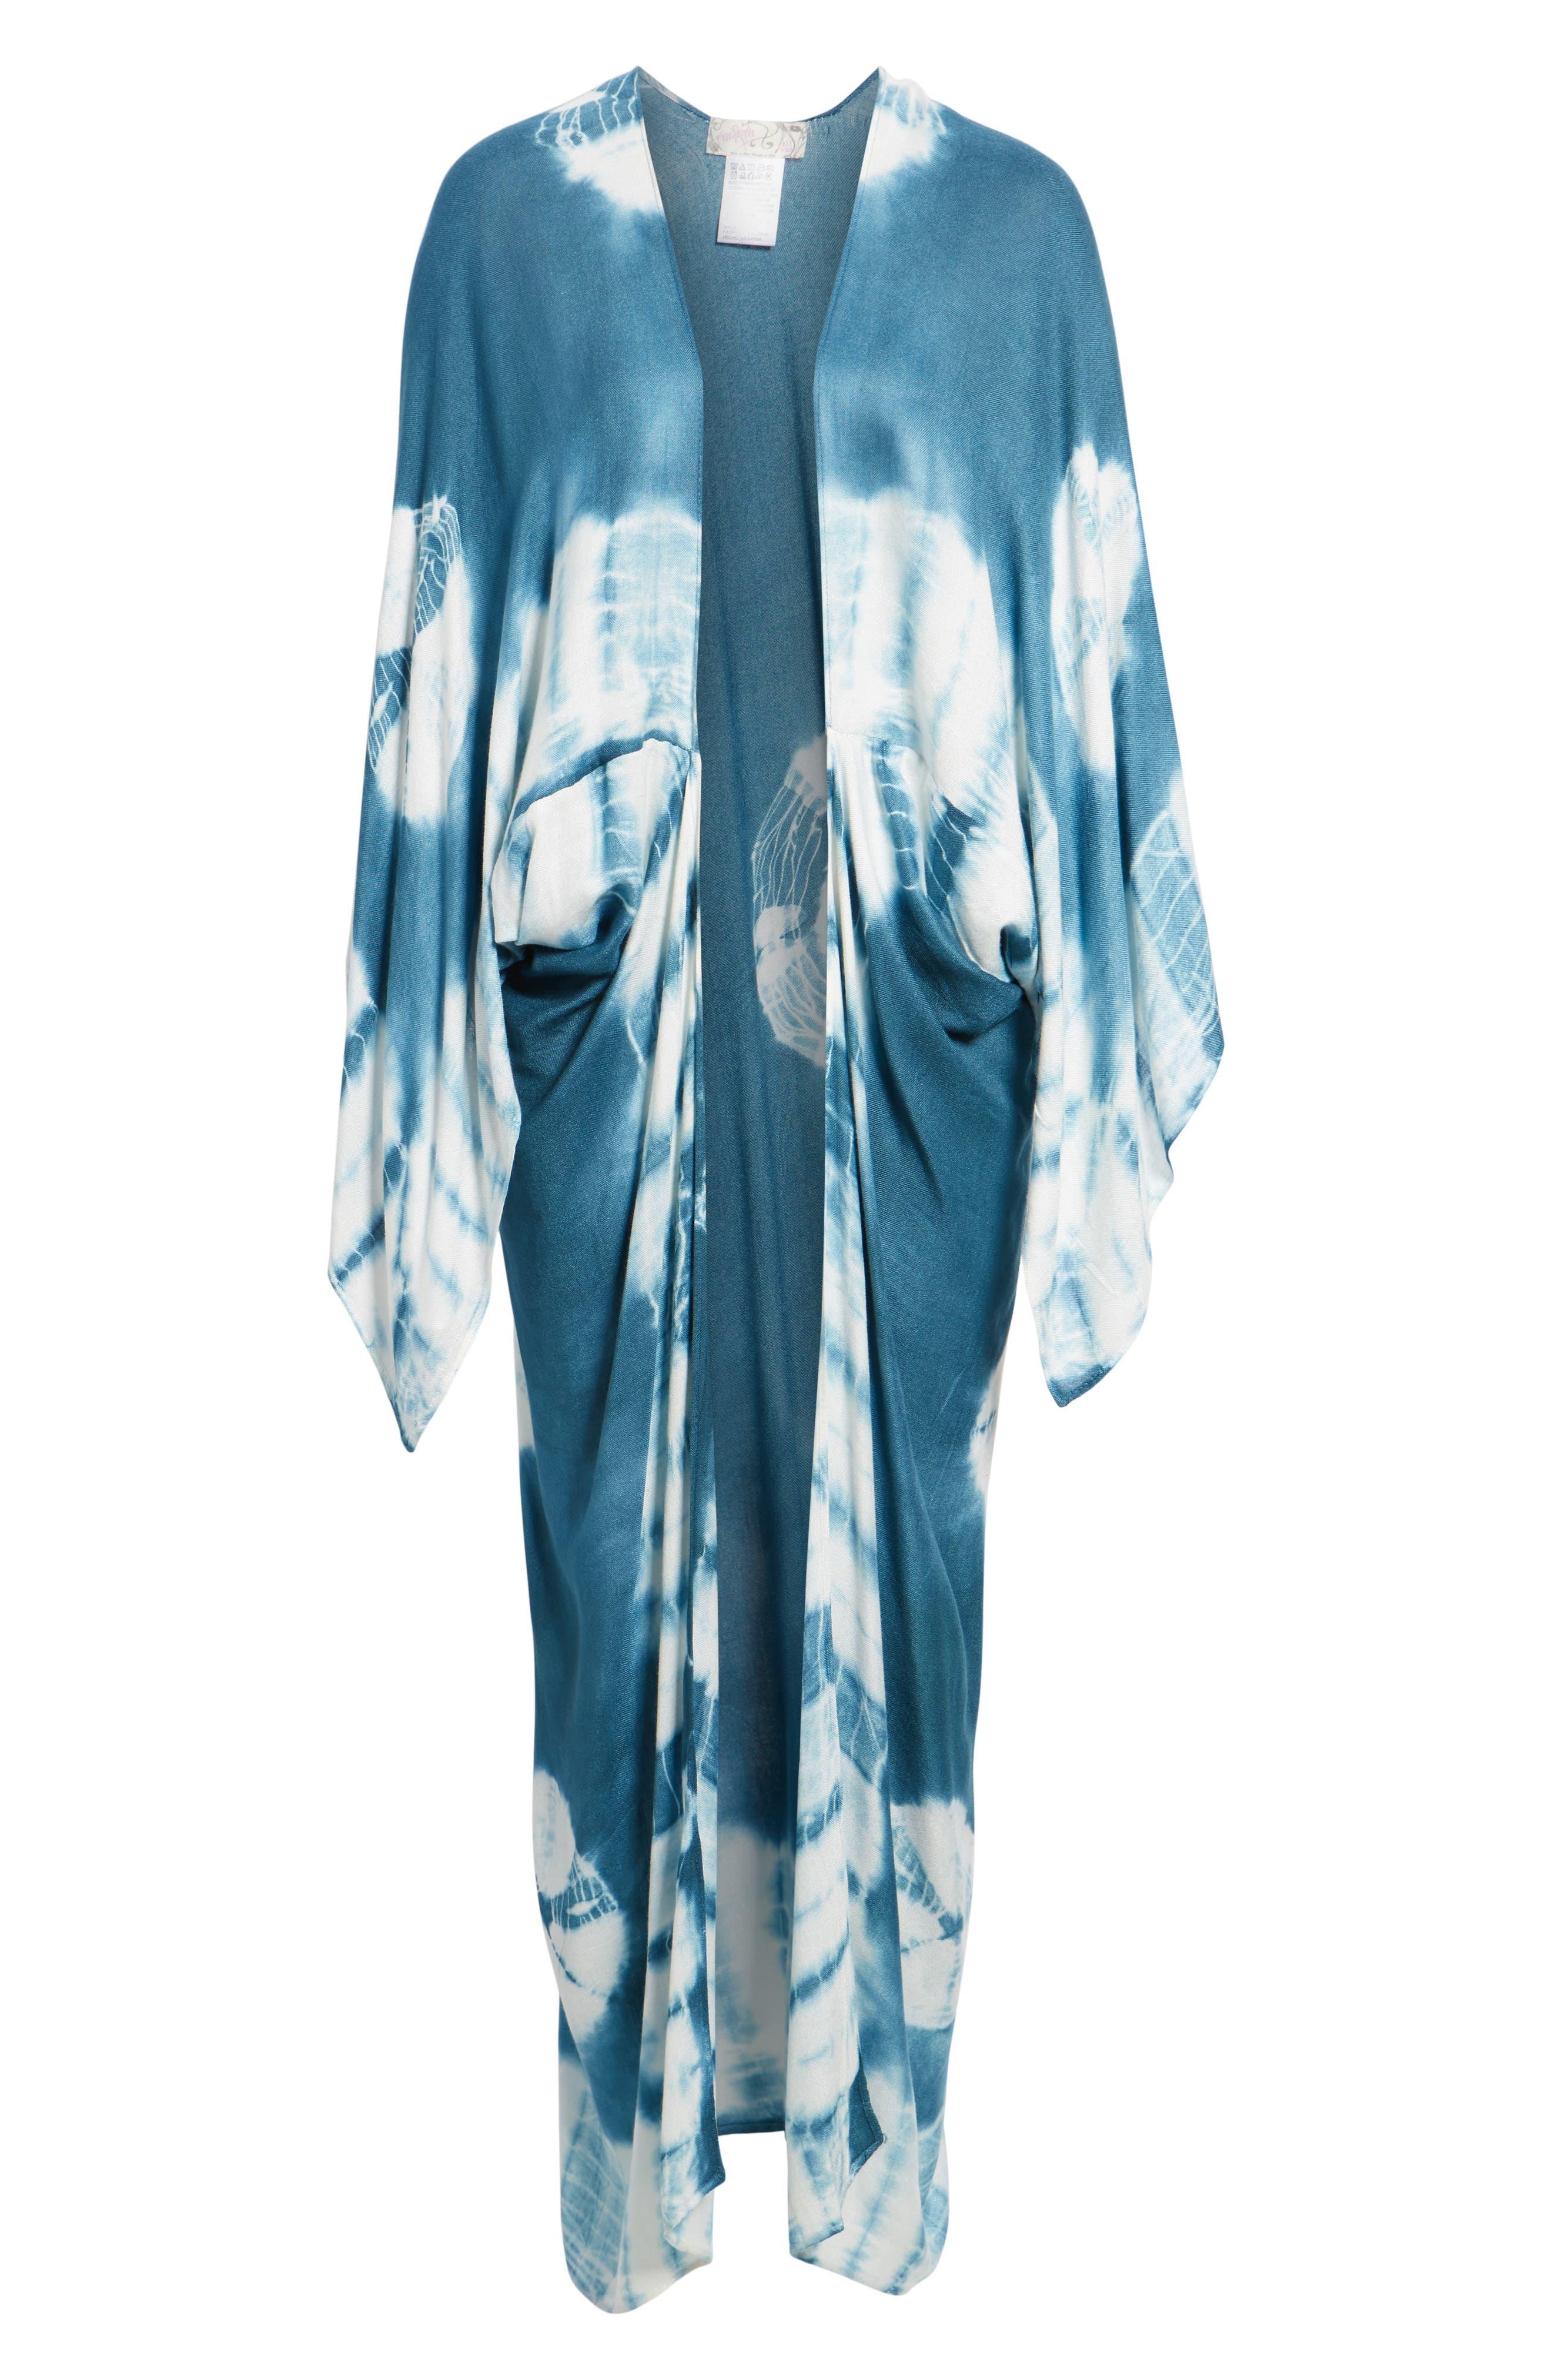 Spellbound Tie Dye Kimono Duster,                             Alternate thumbnail 18, color,